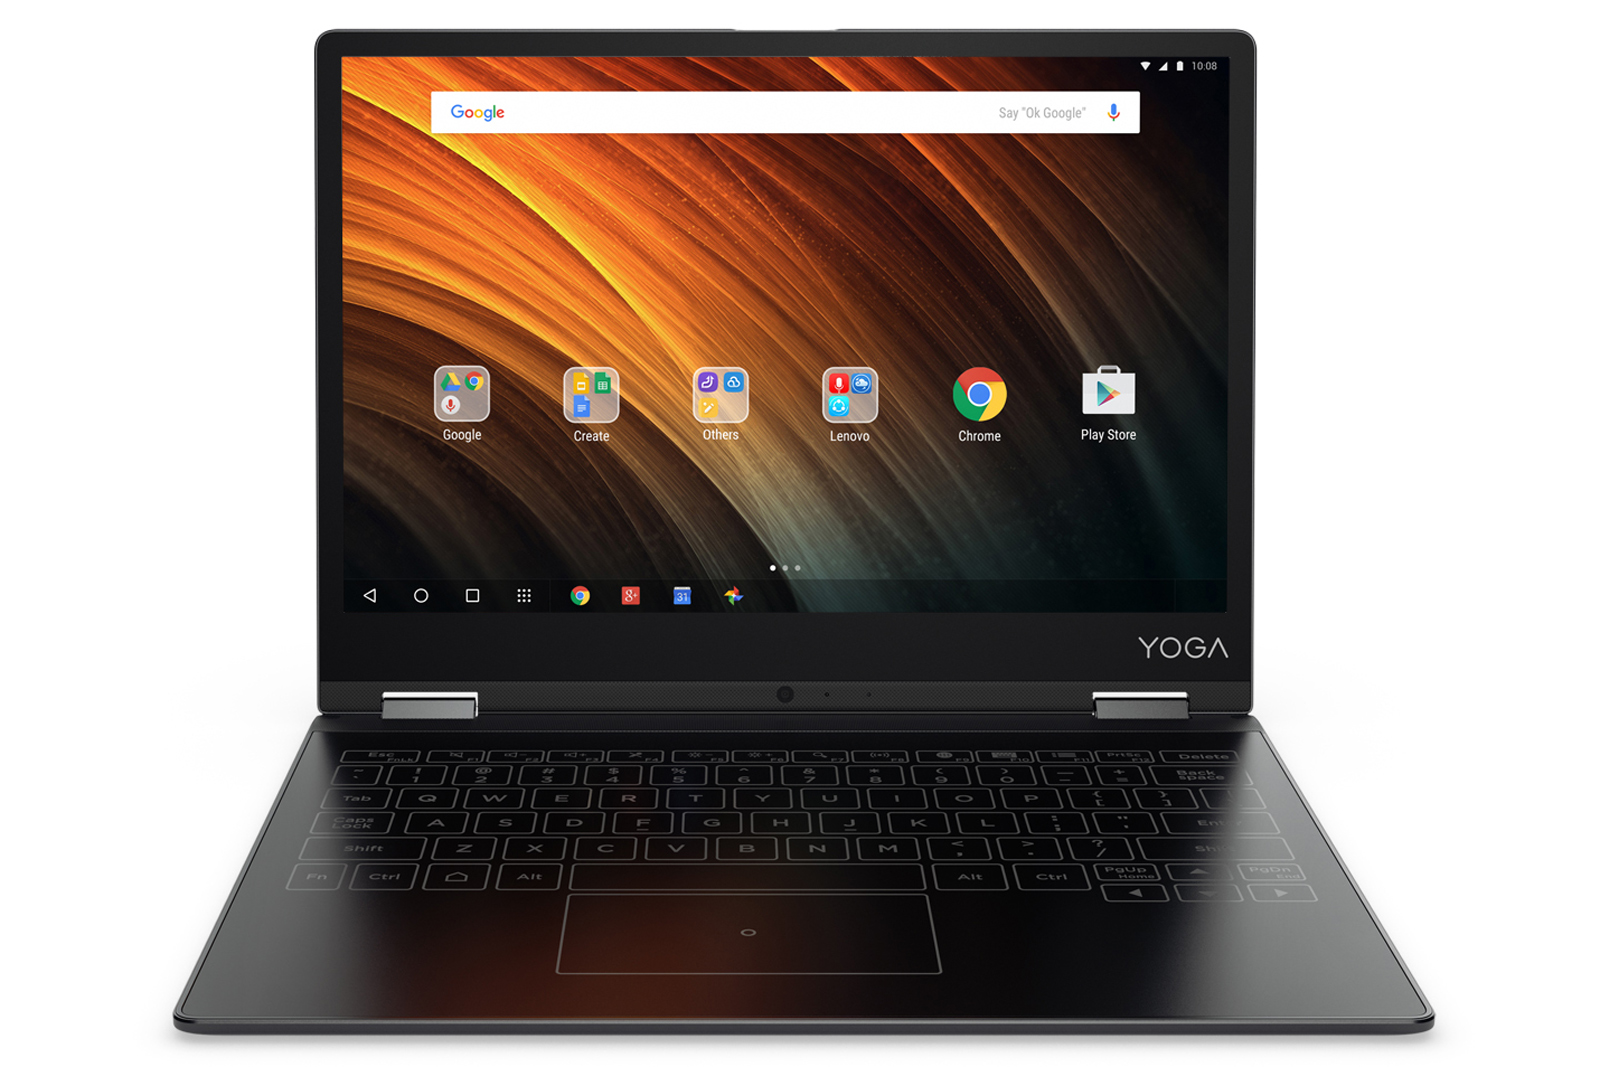 Lenovo Yoga A12 offiziell vorgestellt